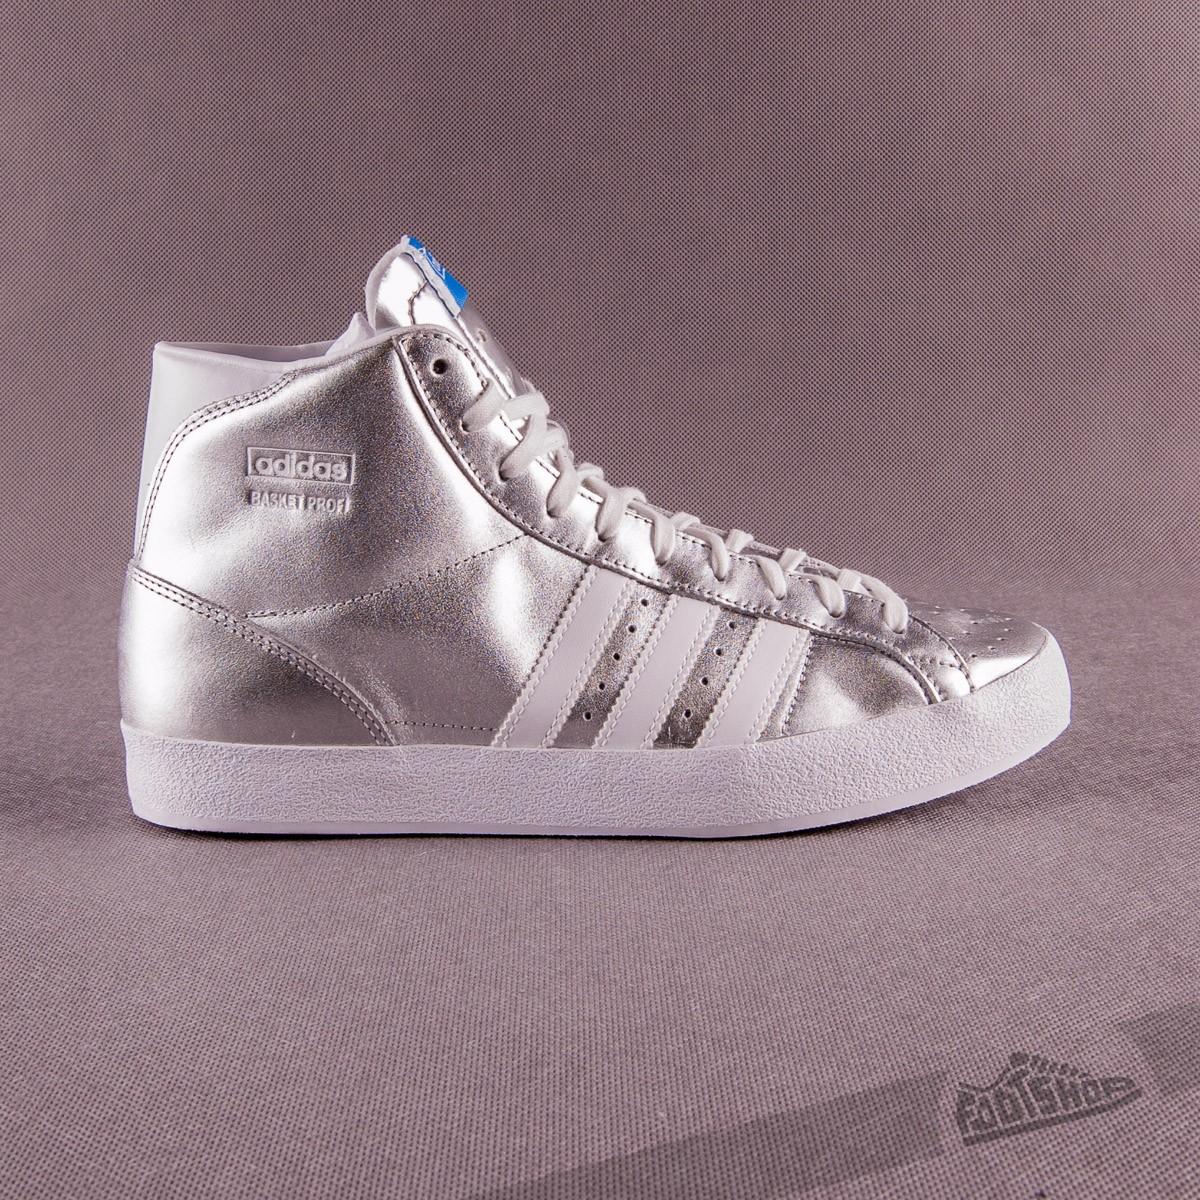 2907a010e2f adidas basket profi og ef w leather